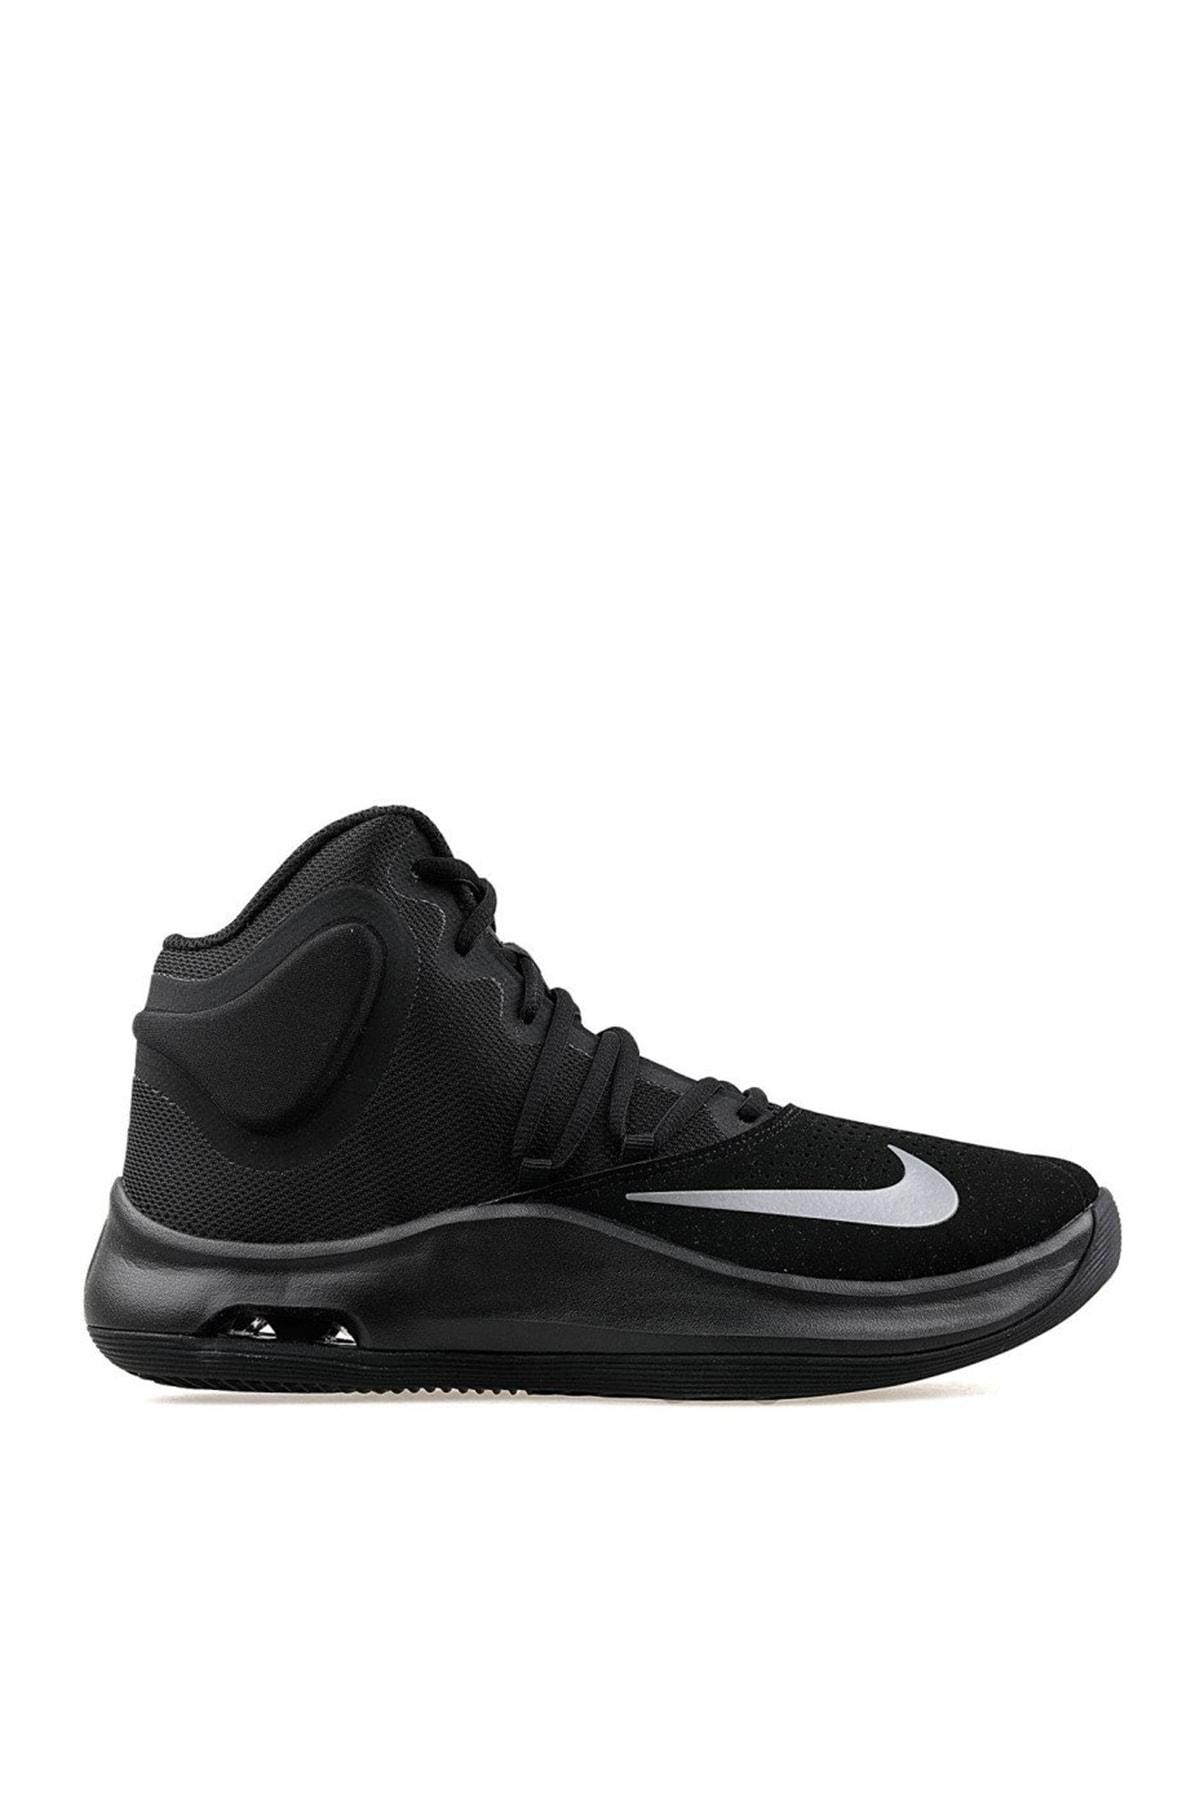 Nike Erkek Basketbol Ayakkabısı Air Versitile iv Nbk CJ6703-001